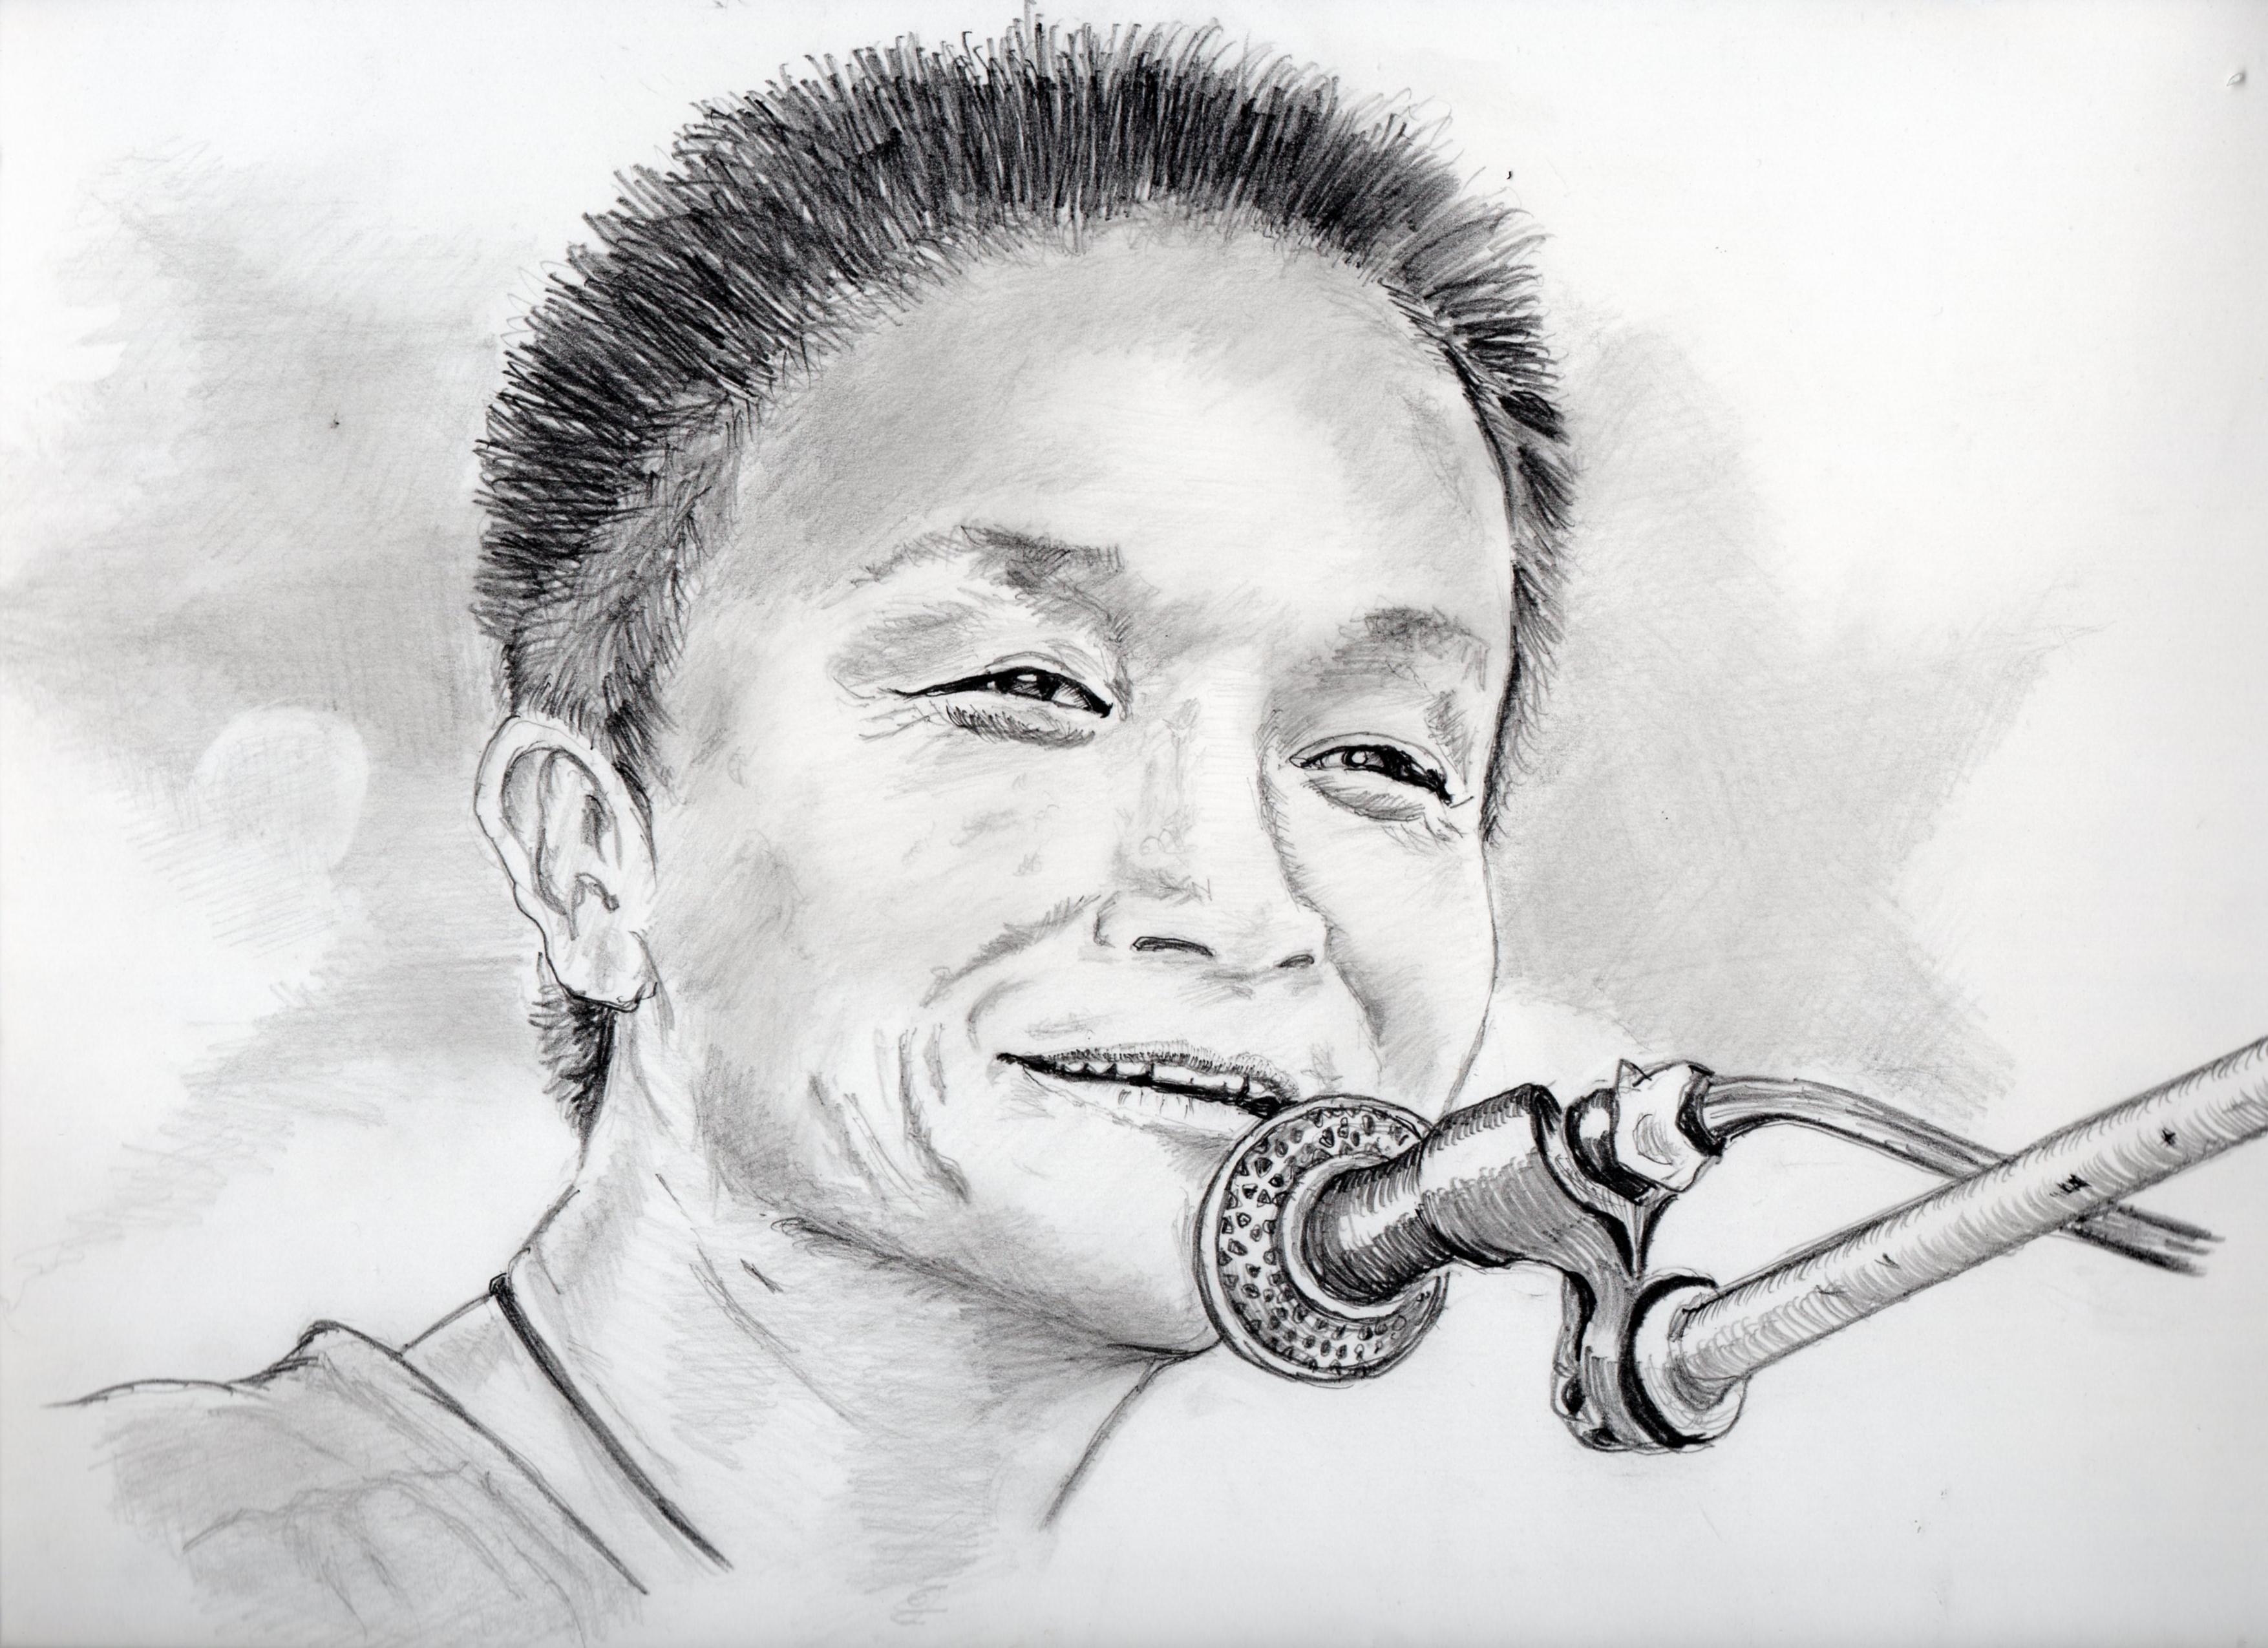 小田和正の鉛筆画似顔絵、小田和正のリアル鉛筆画似顔絵